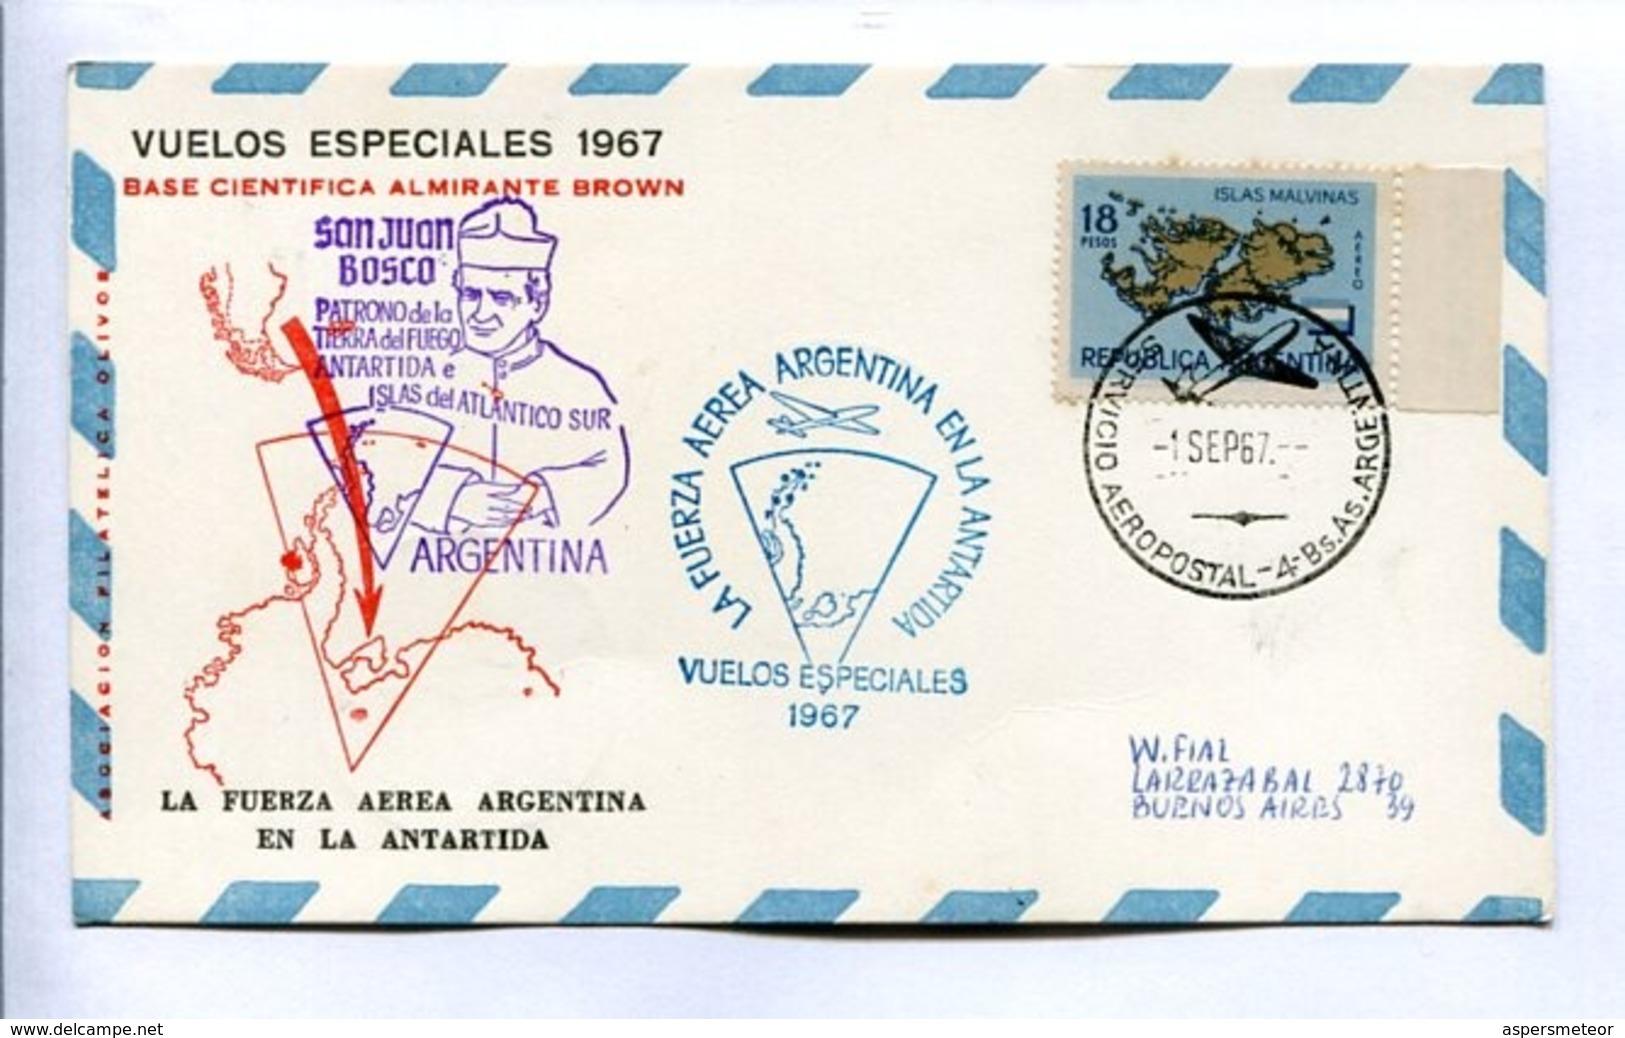 VUELOS ESPECIALES - BASE AEREA ALMIRANTE BROWN. FUERZA AEREA ARGENTINA EN LA ANTARTIDA. 1967 CARTE PAR AVION -LILHU - Vols Polaires